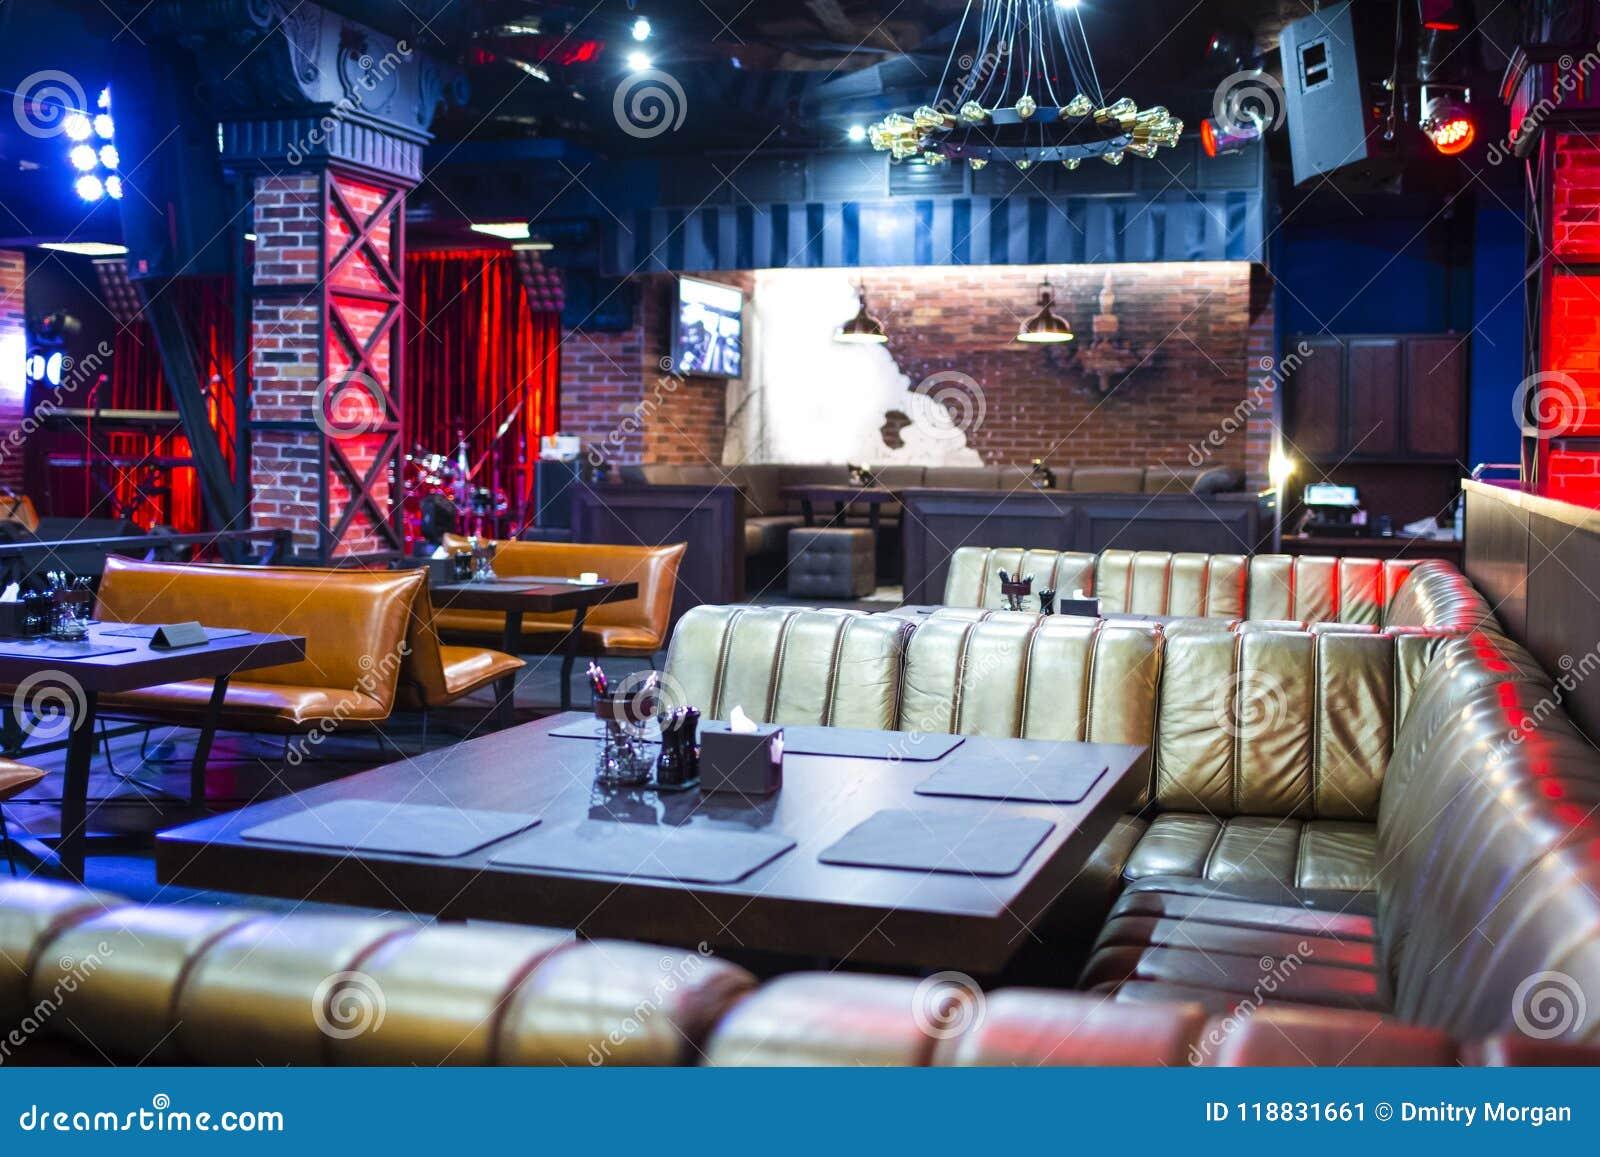 Wnętrze Nowożytny noc klub z oświetleniem i Rozsądnym wyposażeniem